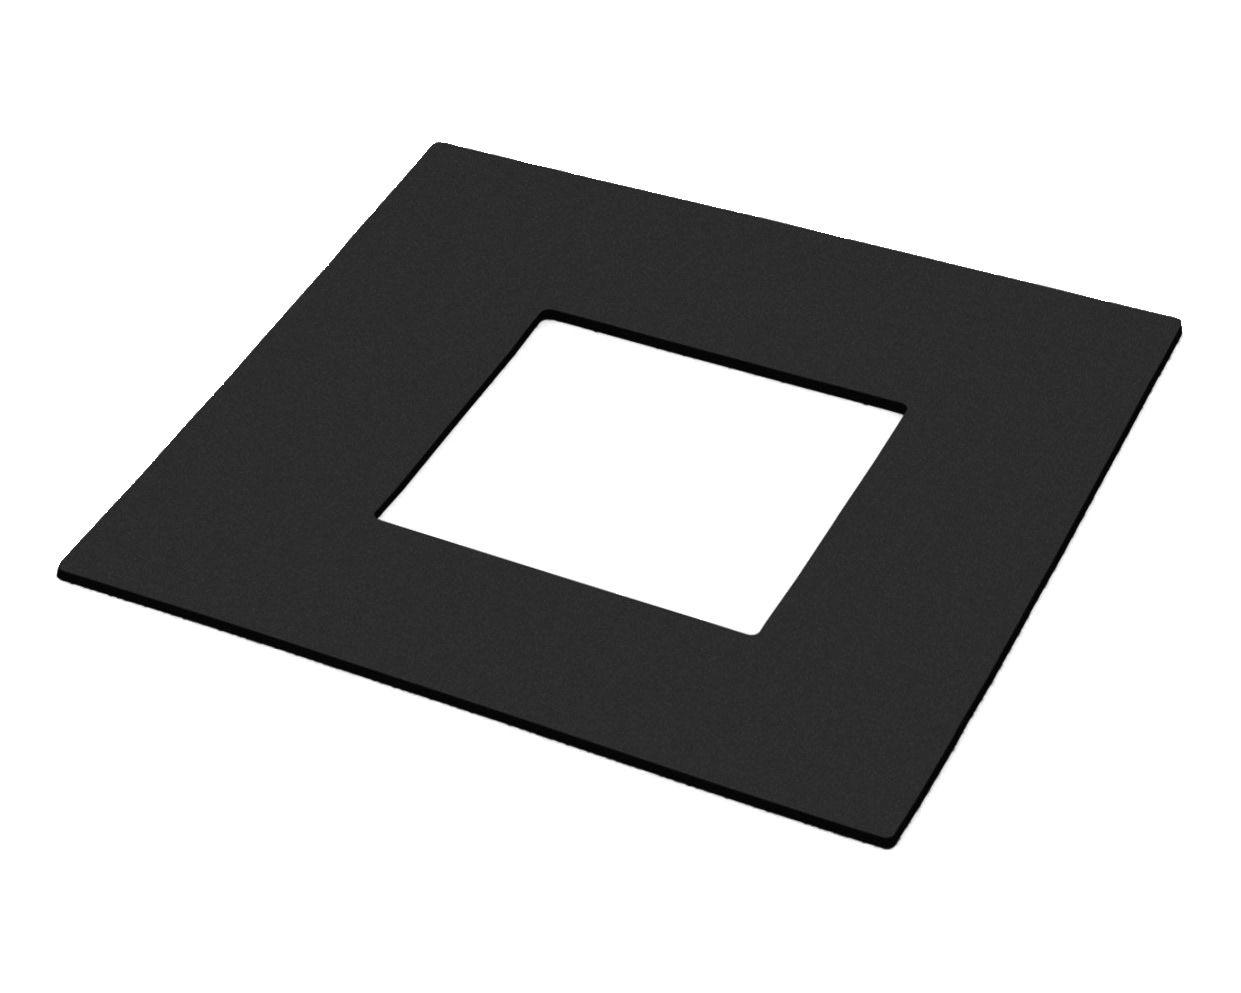 Tischplatte für Cube/Barcube